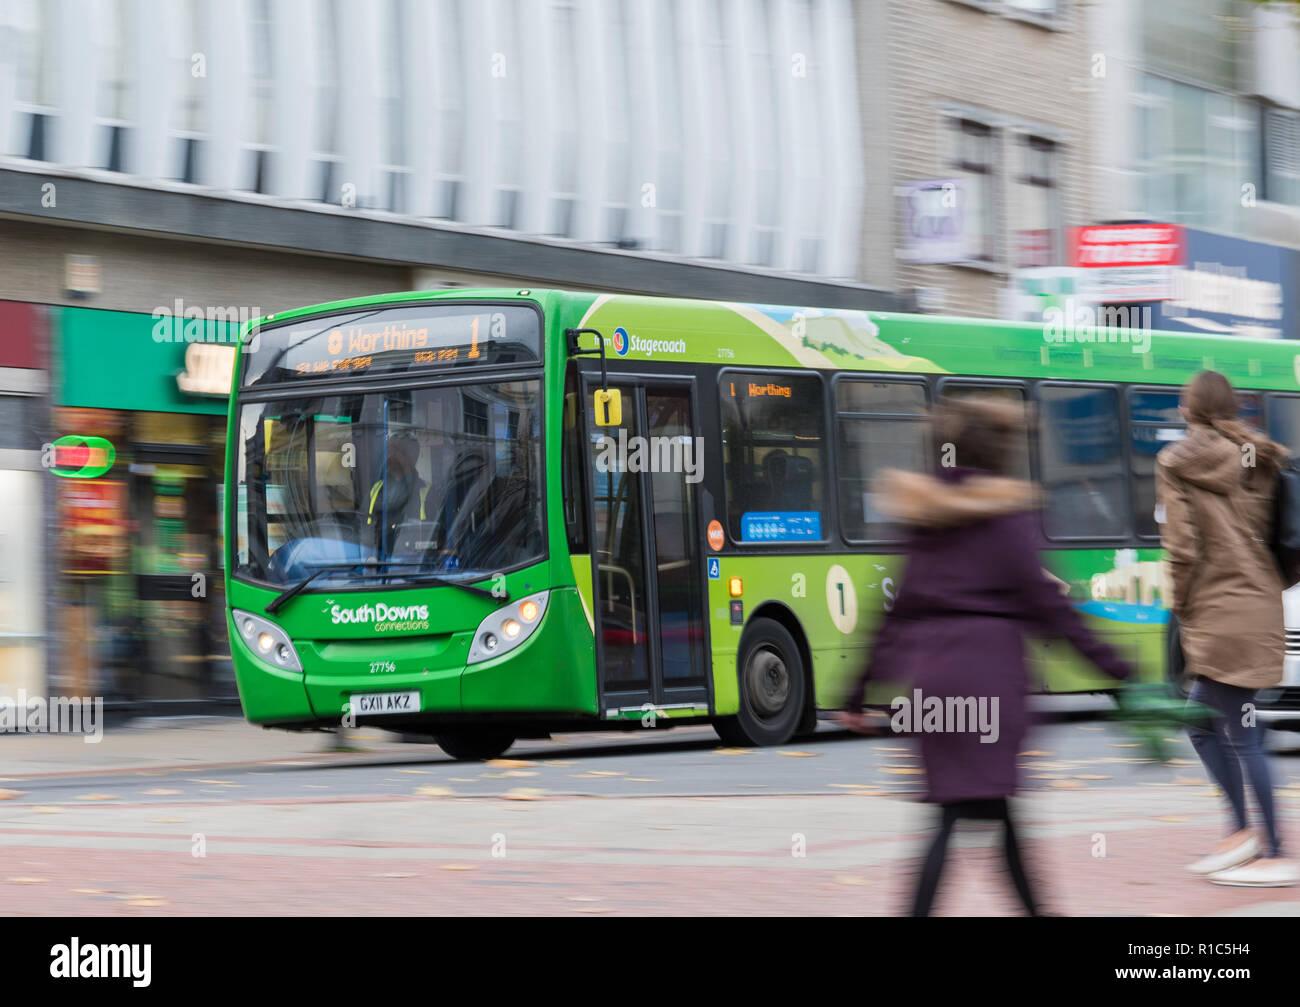 Relations sérieuses in South Downs Stagecoach numéro vert 1 bus avec le flou dans une rue animée à Worthing, West Sussex, Angleterre, Royaume-Uni. Concept de voyage. Photo Stock